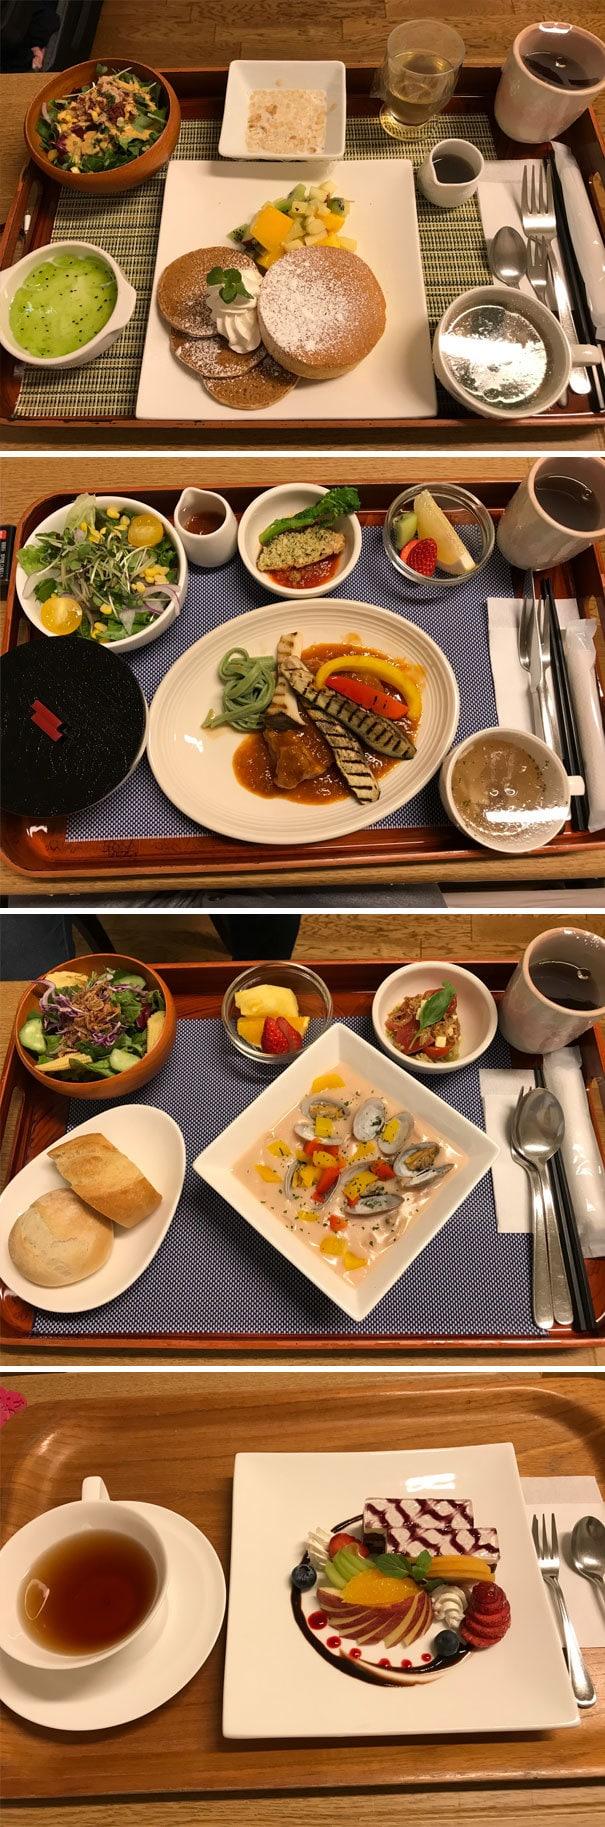 Недавно я родился в Японии. Вот некоторые из больничной пищи, которую я съел